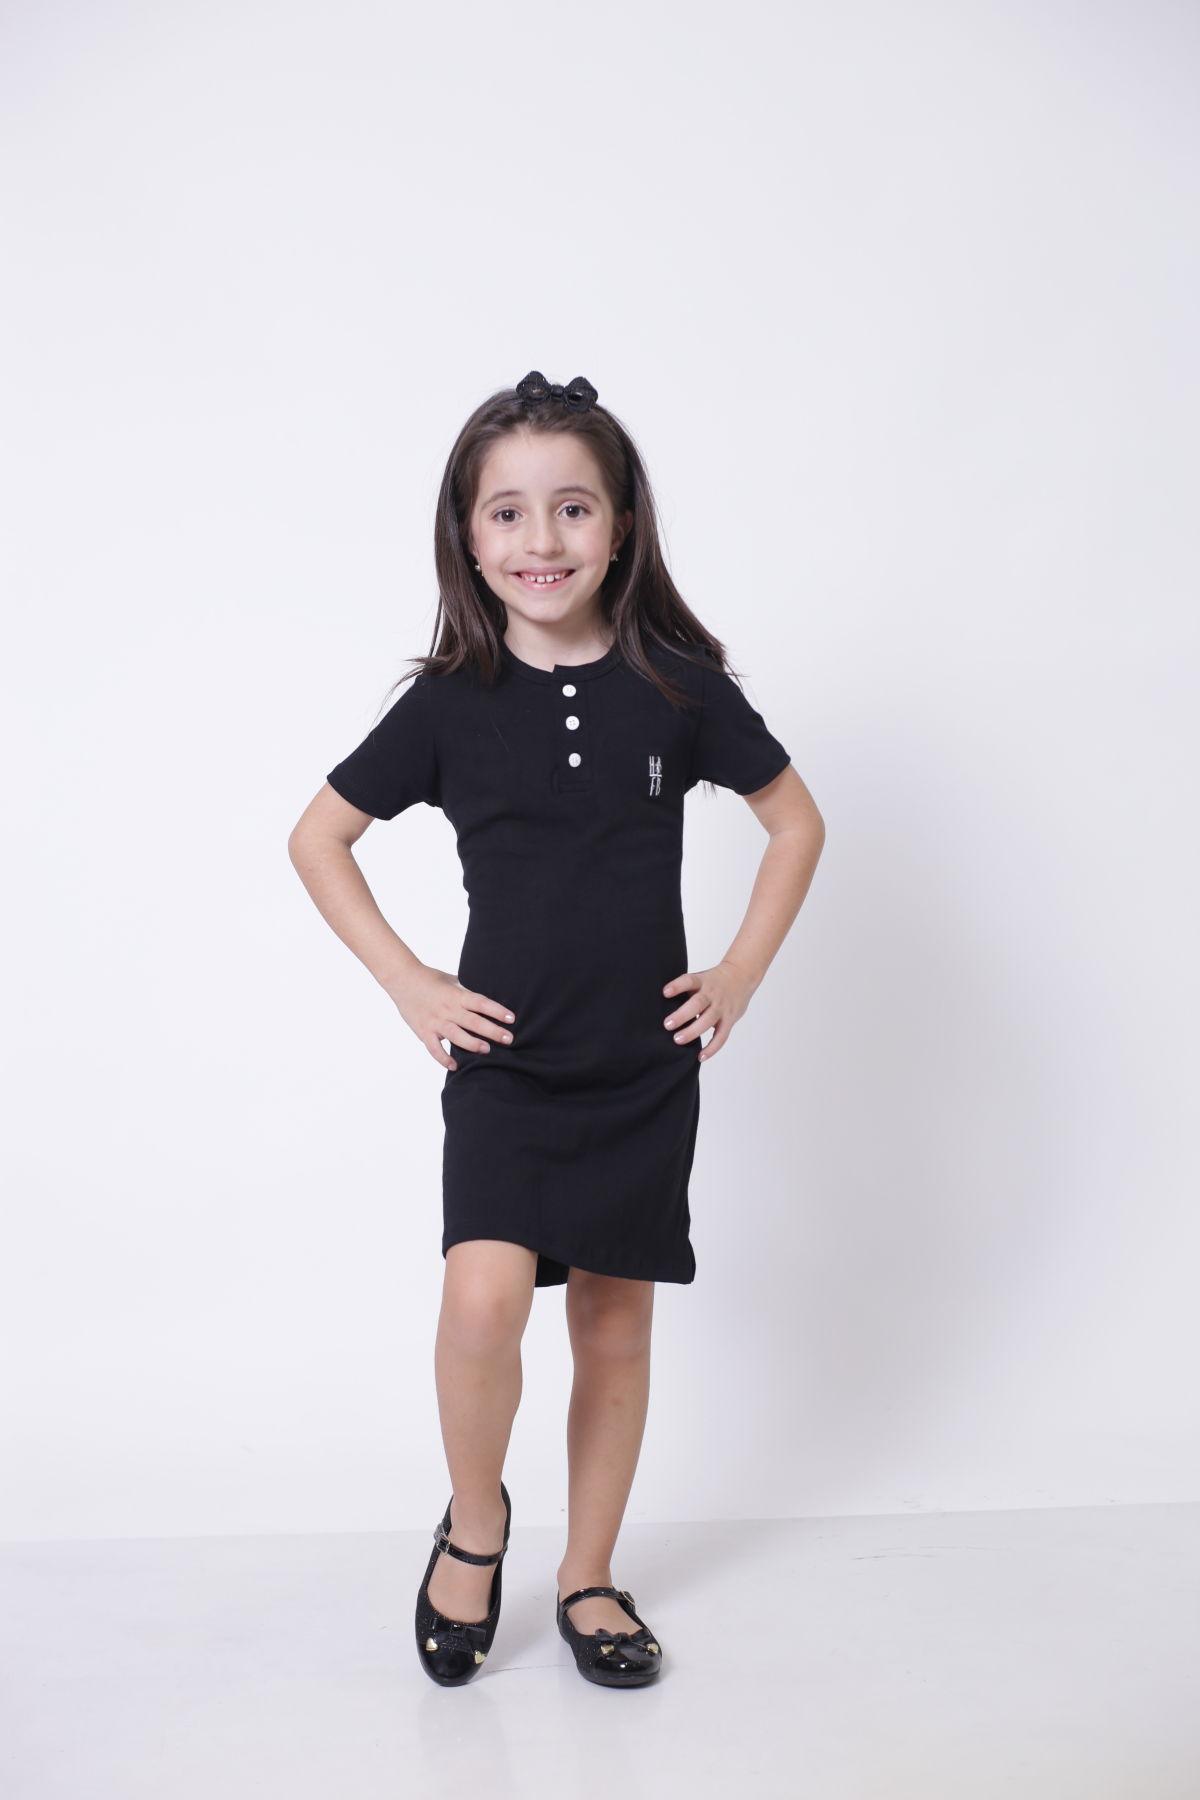 PAIS E FILHA > Kit 3 Peças - T-Shirt + Vestidos Henley - Preto [Coleção Família]  - Heitor Fashion Brazil